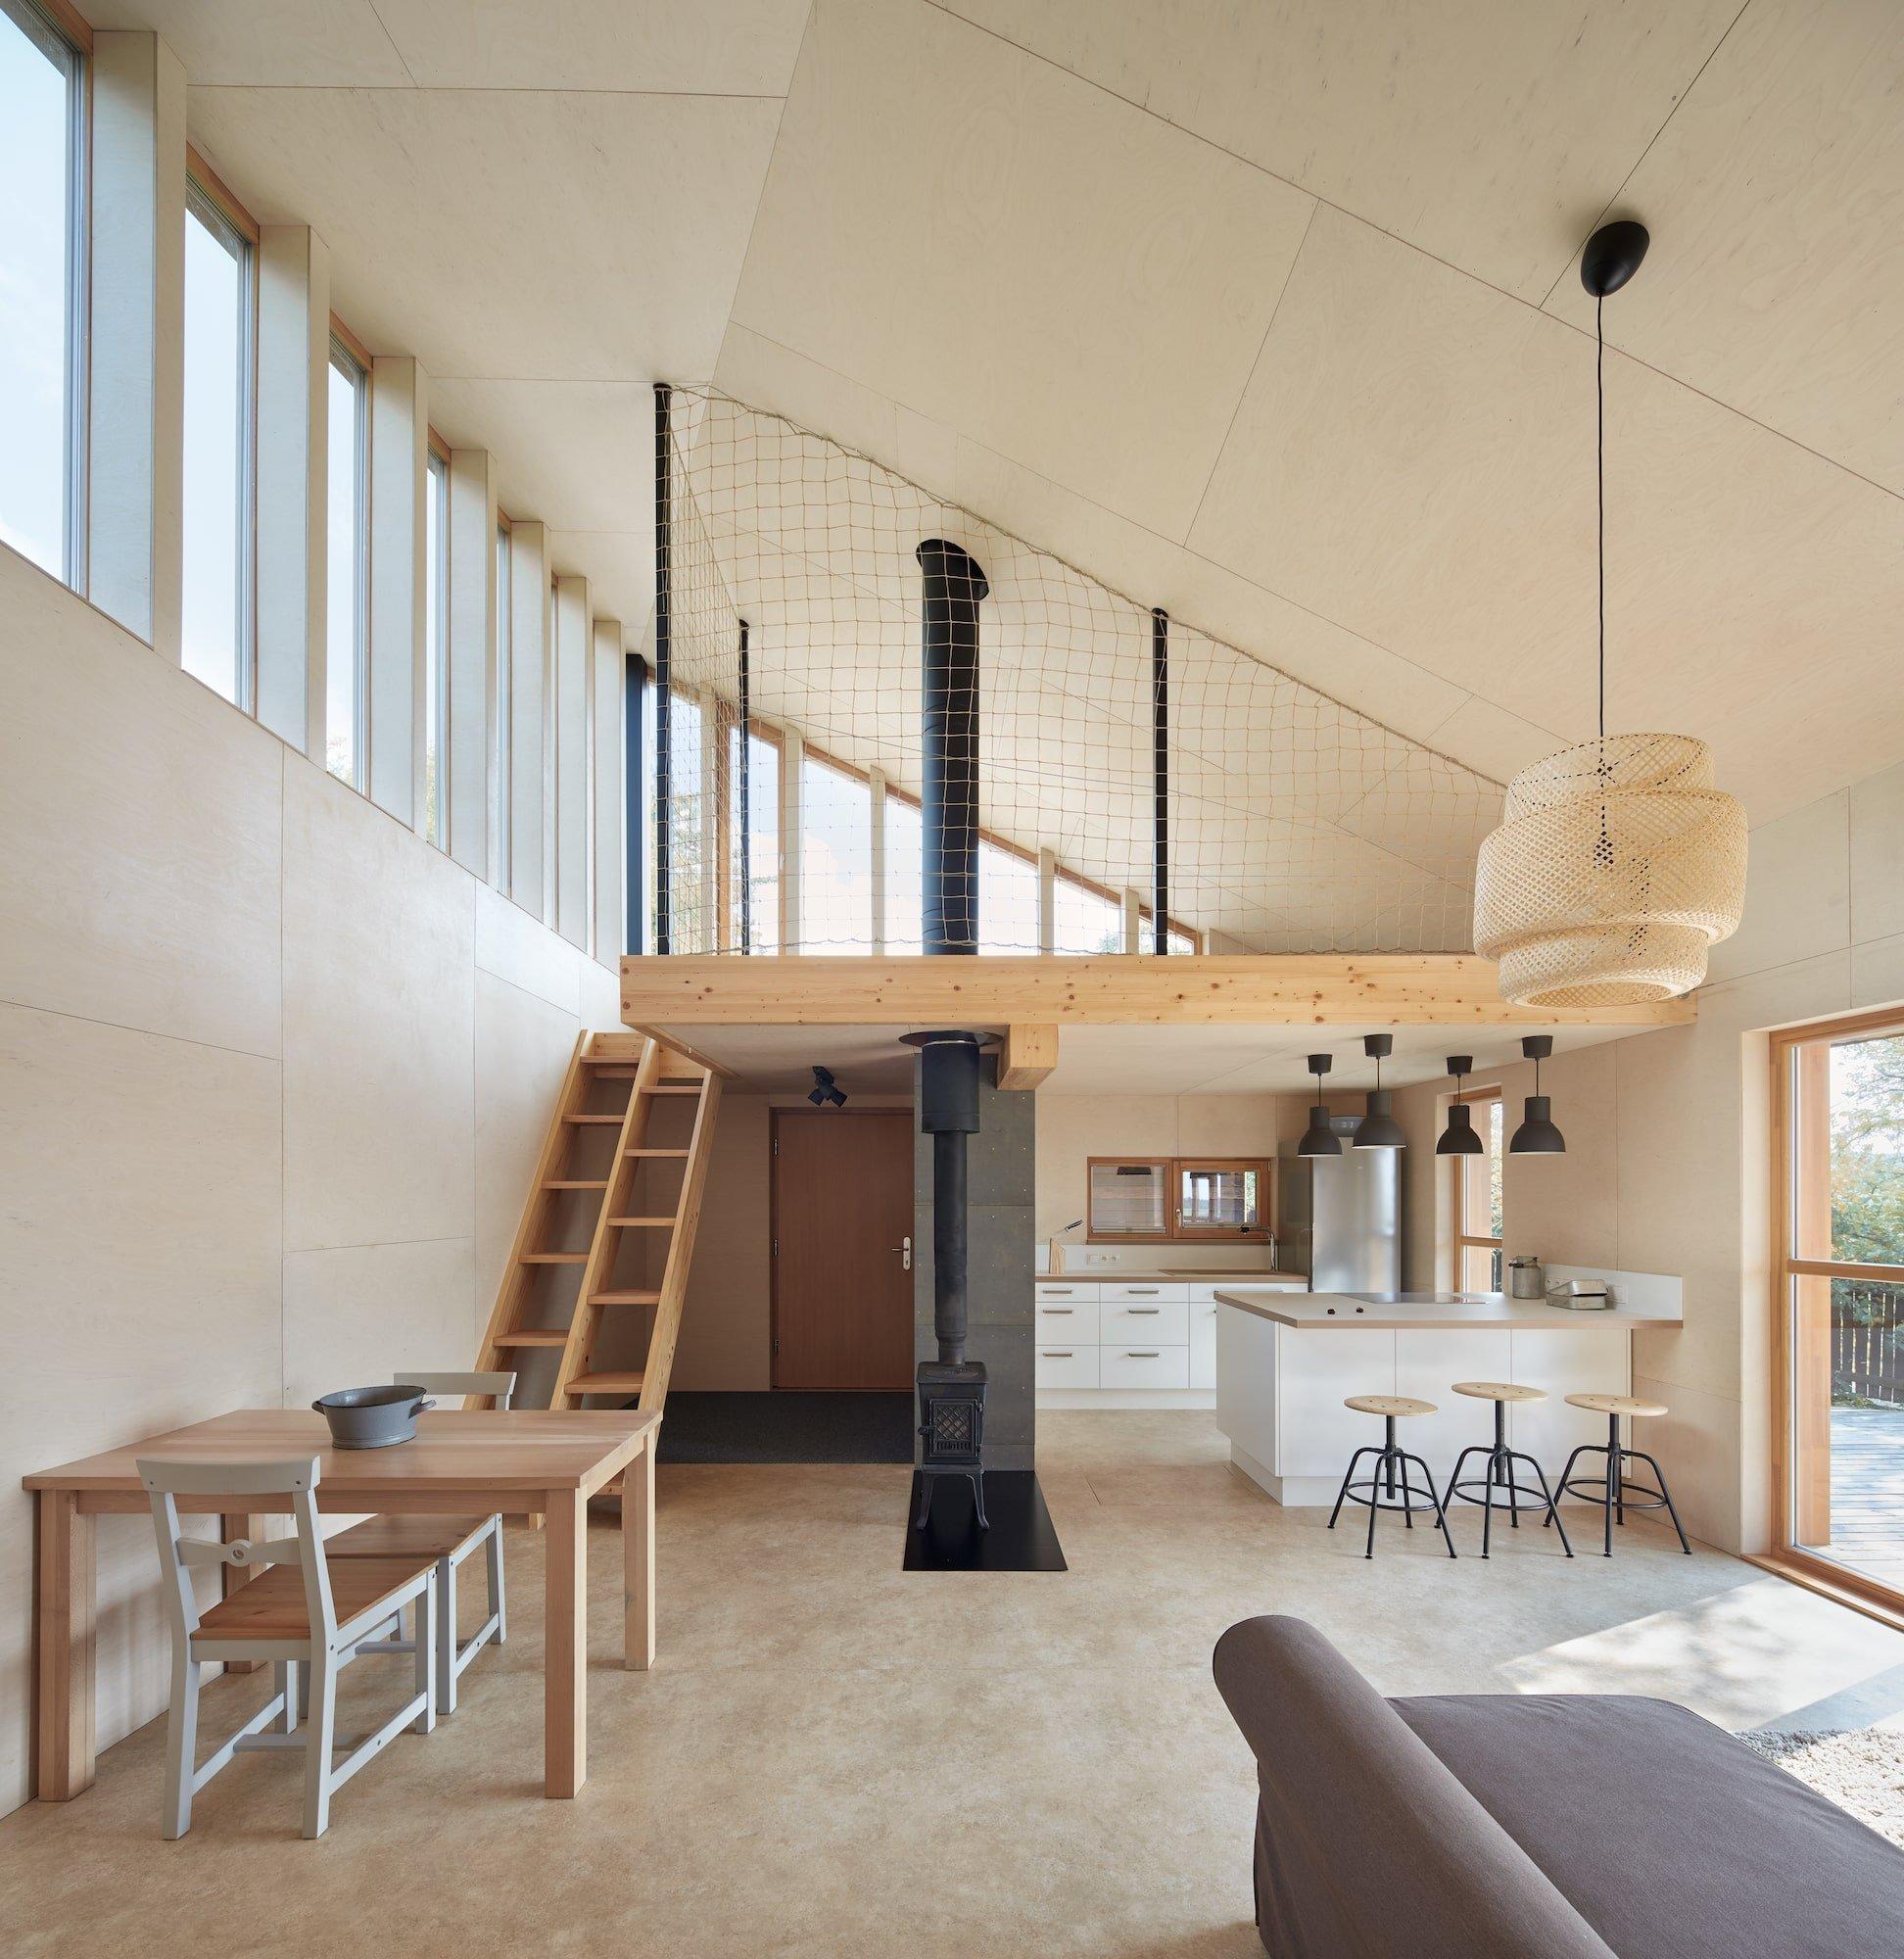 Dům inspirovaný valašskou architekturou